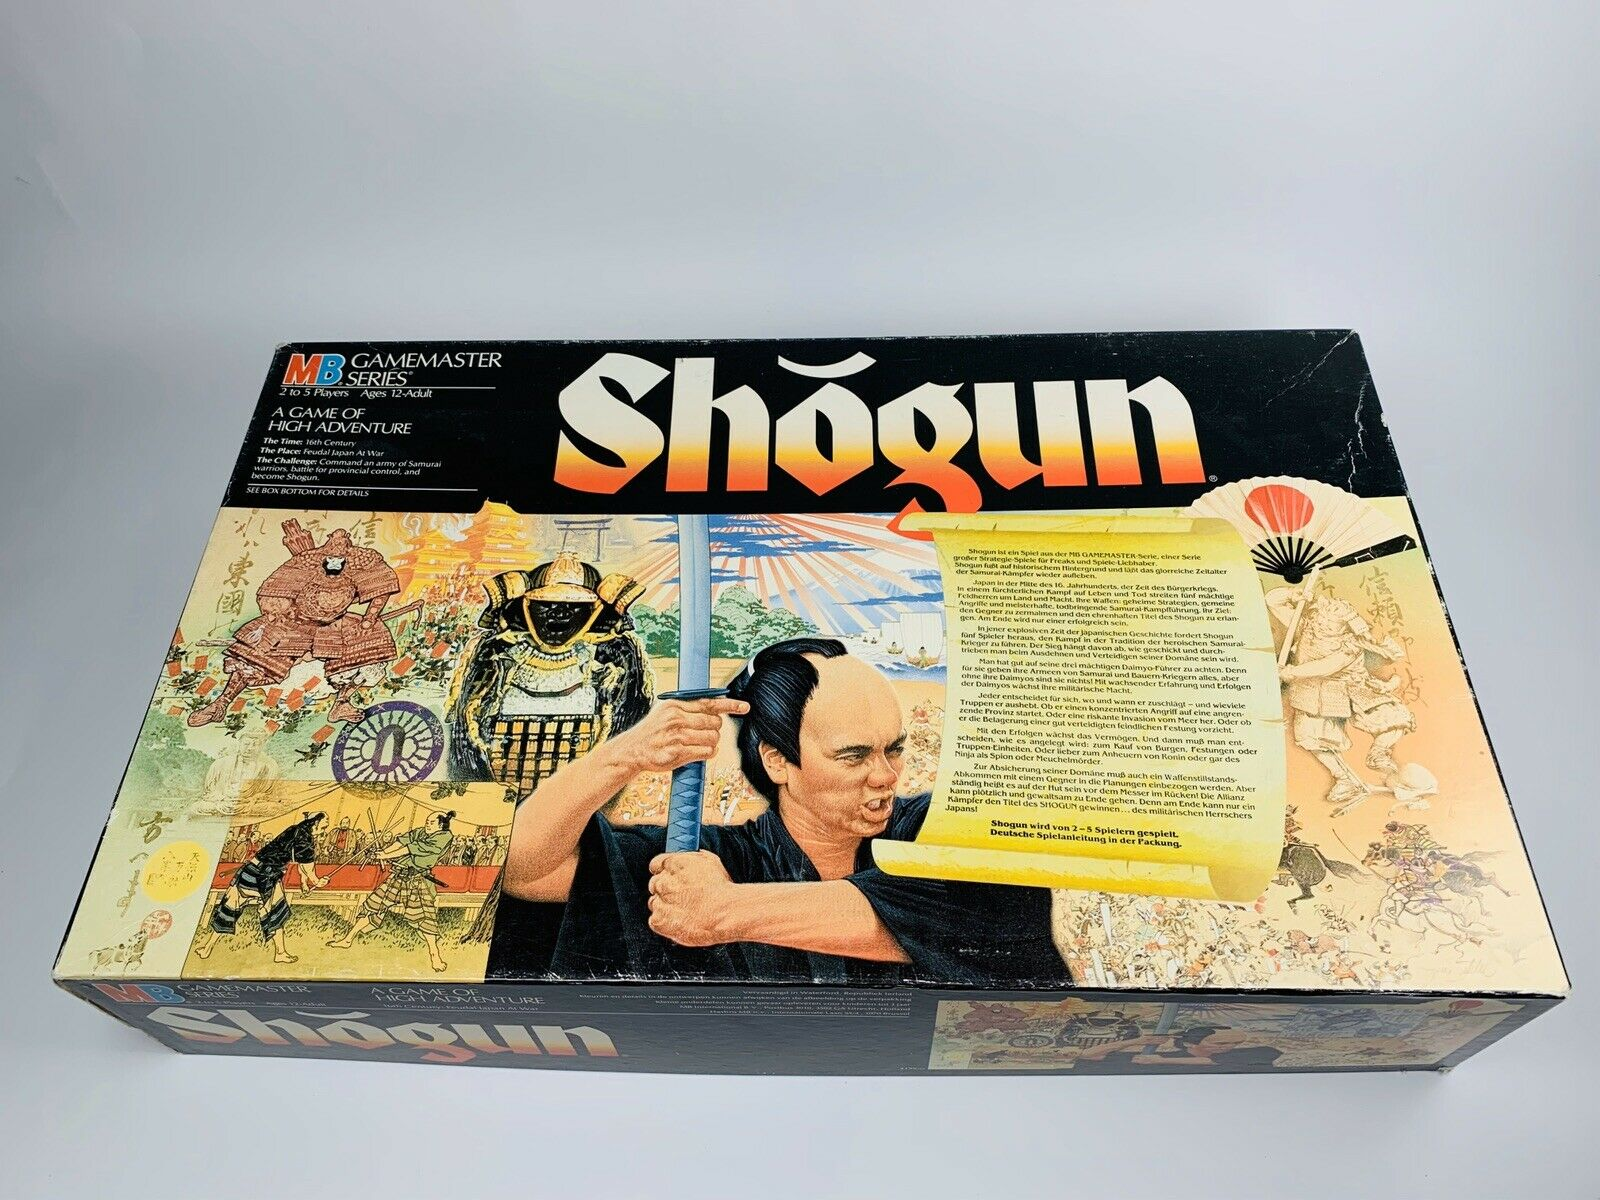 SHOGUN Brettspiel von MB (1986) Game Master Series Sehr guter Zustand